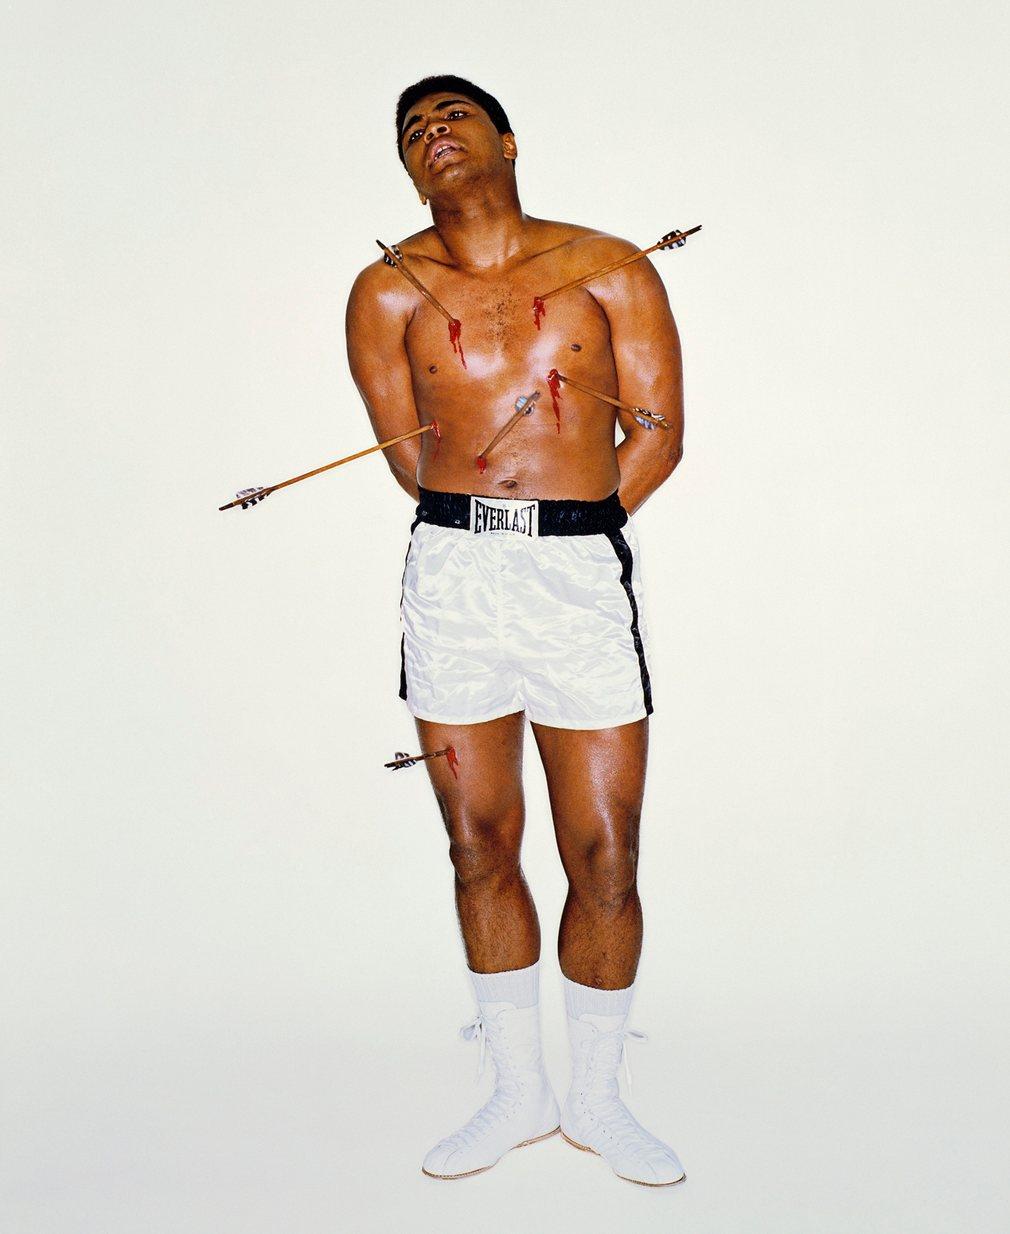 10. Обложка журнала Esquire. Фото символизирует гонение на Али после его позиции о войне во Вьетнаме.